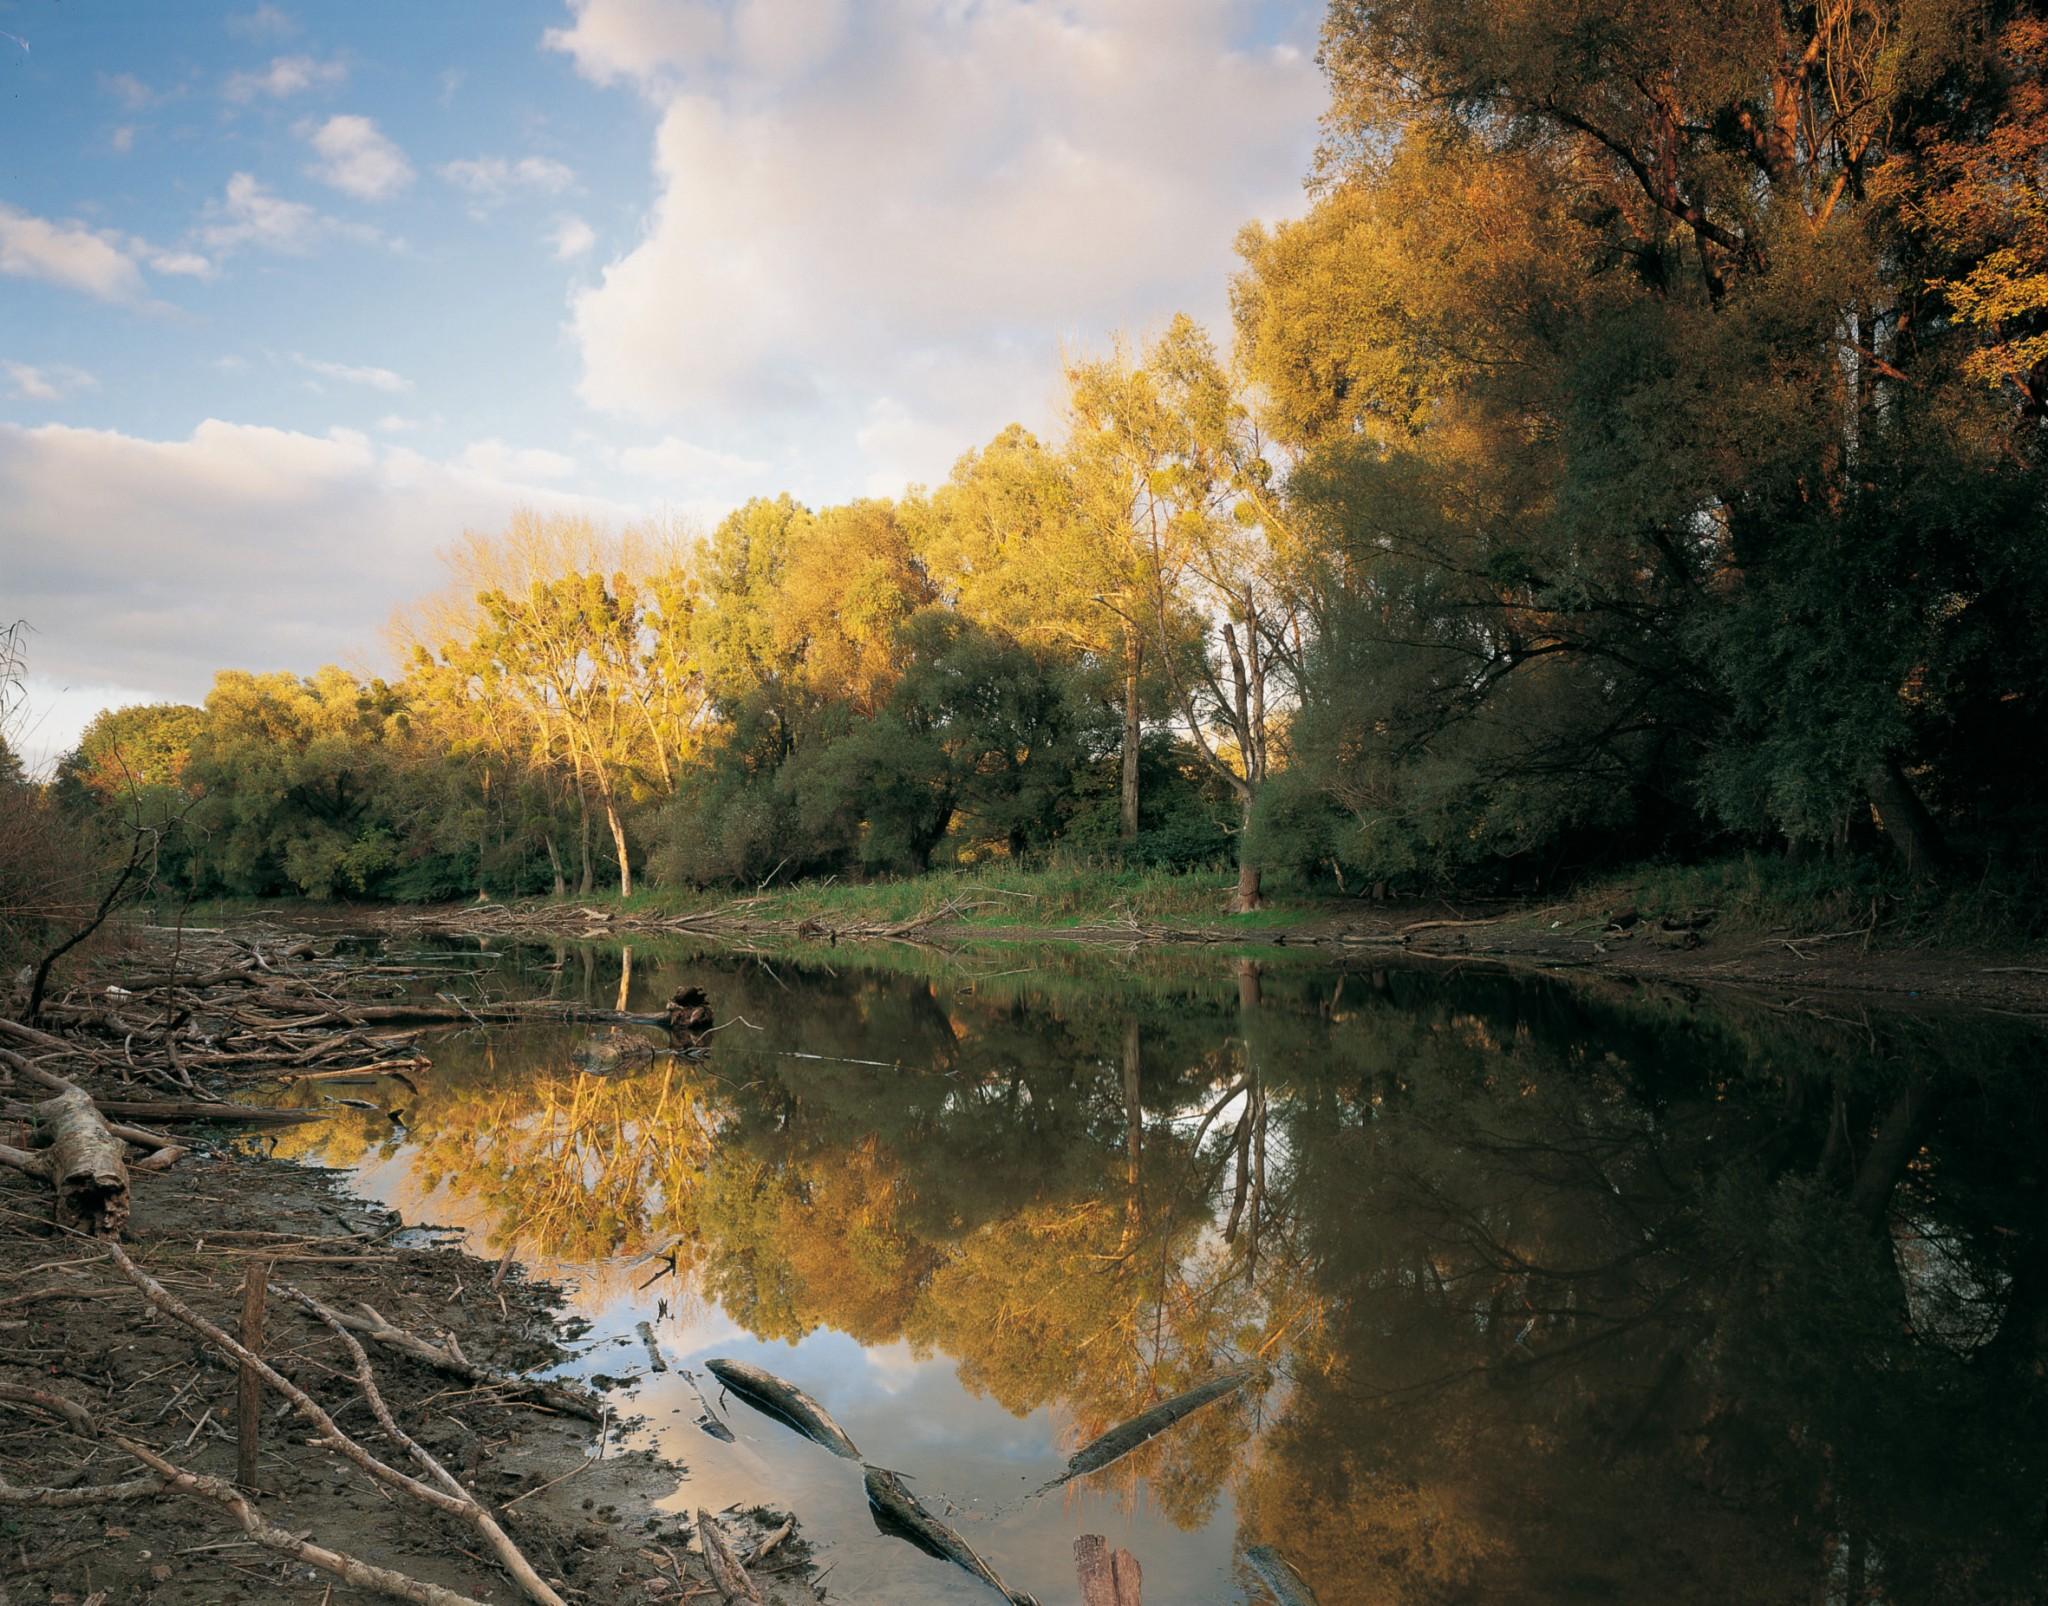 Foto: Popp. Nationalpark Donauauen